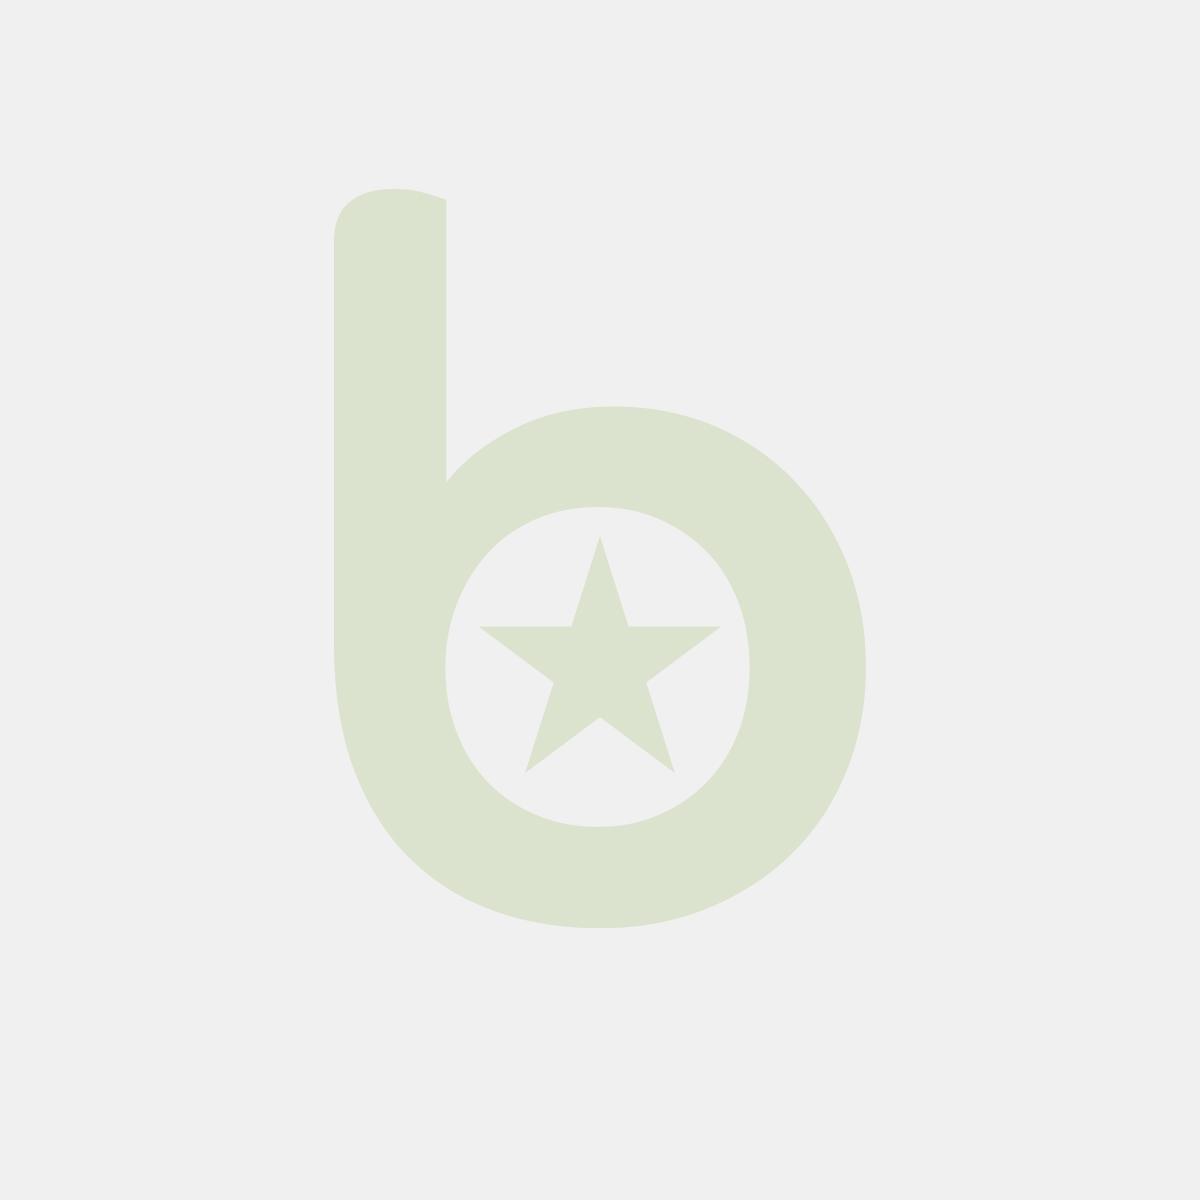 Papier w roli brązowy gładki szerokość 60cm